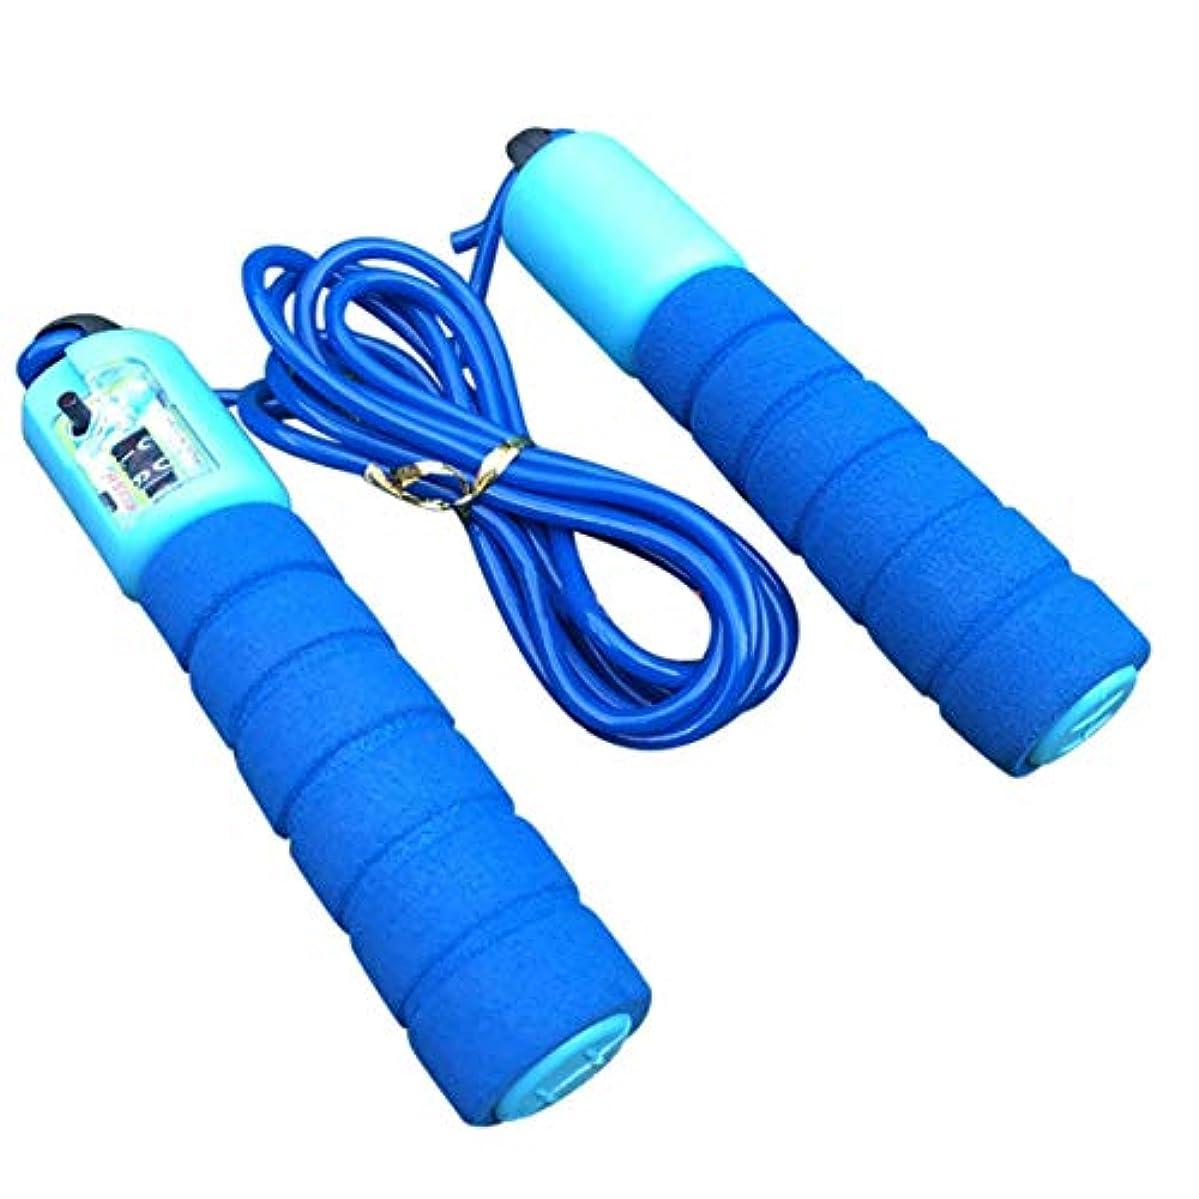 真空肘掛け椅子食用調整可能なプロフェッショナルカウント縄跳び自動カウントジャンプロープフィットネス運動高速カウントジャンプロープ - 青